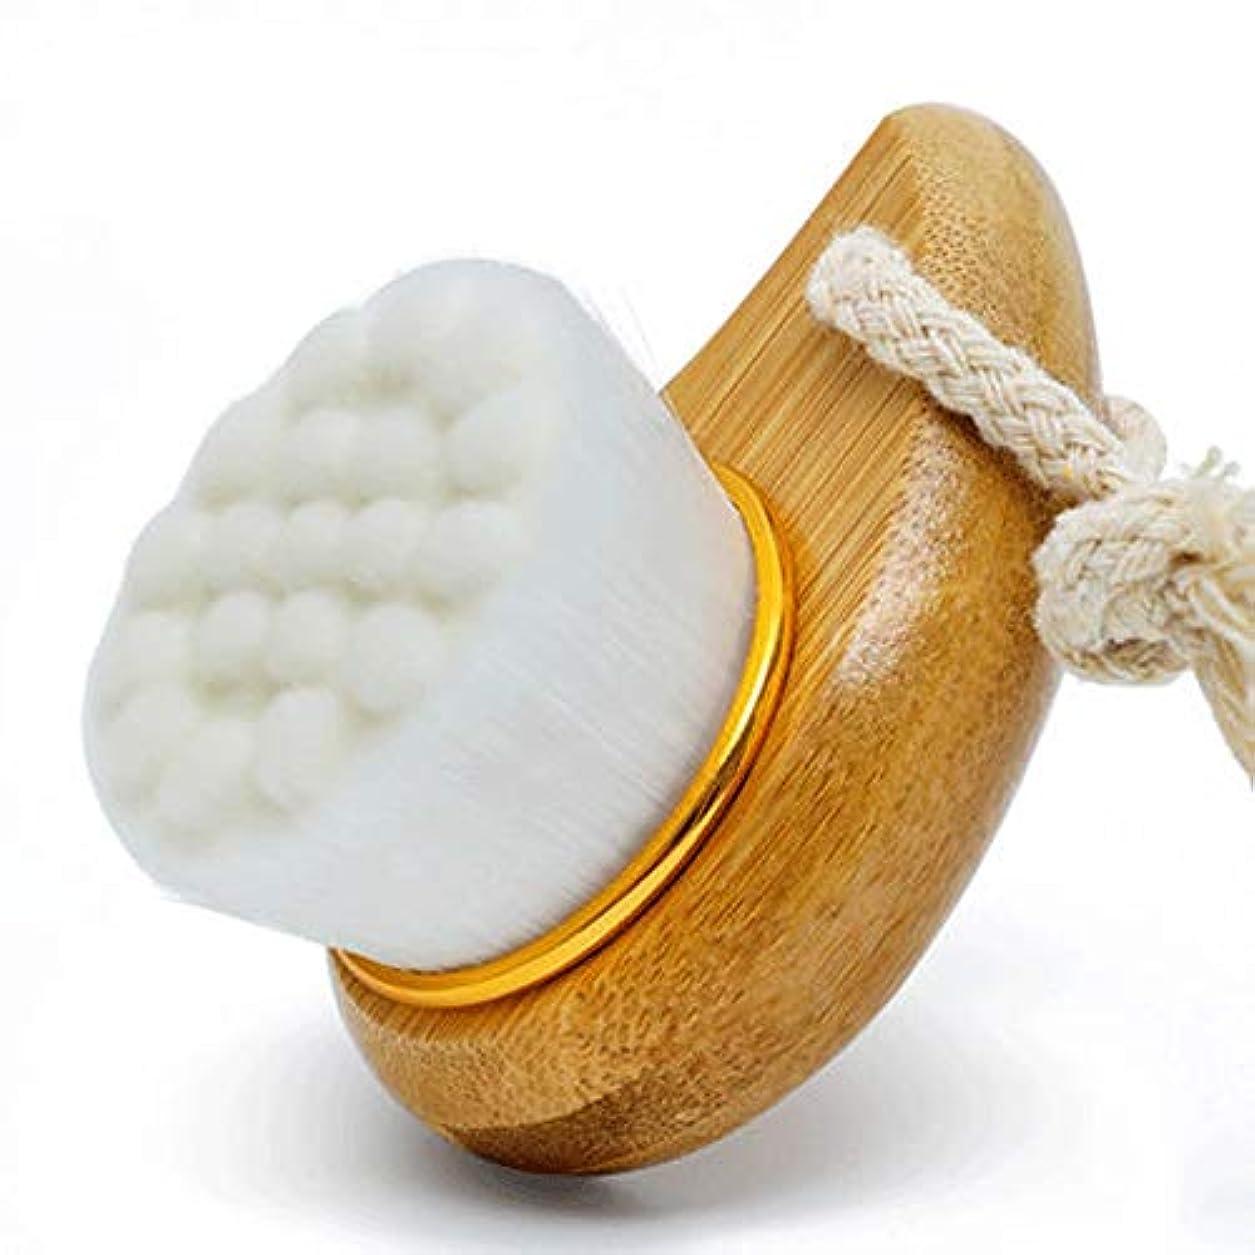 鋭く支配的素人HEHUIHUI- クレンジングブラシ、防水ディープクレンジングポア、電気剥離、にきび、アンチエイジングクレンジングブラシ(ホワイト) (Color : White)